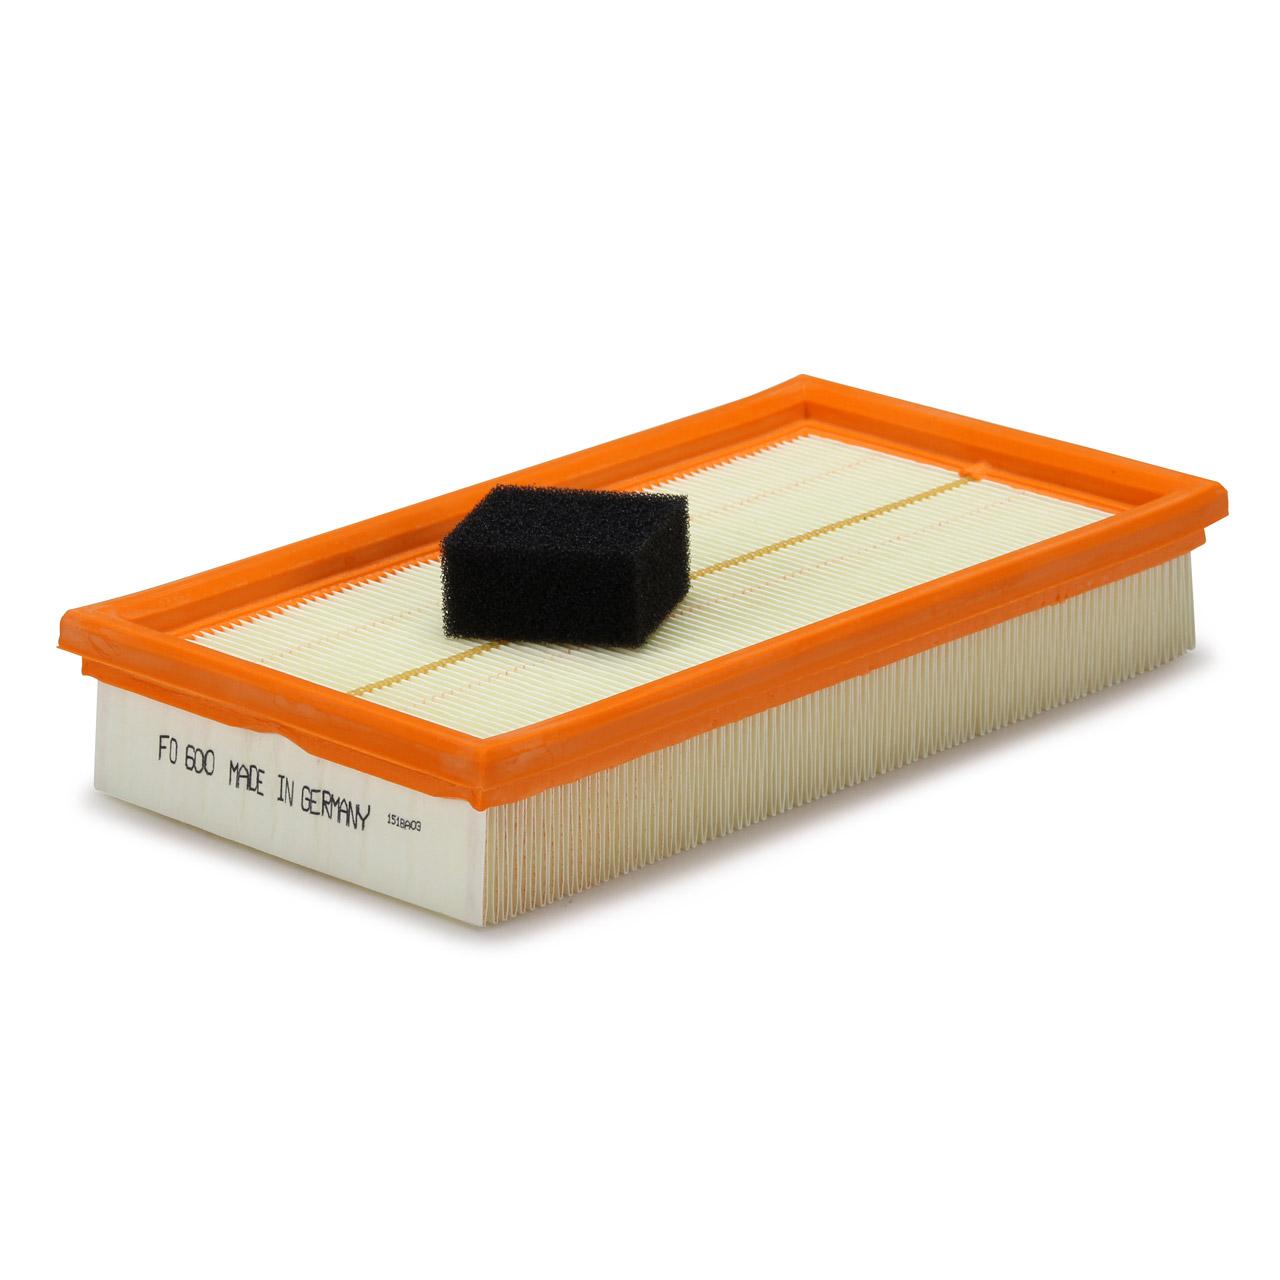 Inspektionskit Filterpaket Filterset für Ford Focus I 1.6/1.8/2.0 16V 100-131 PS